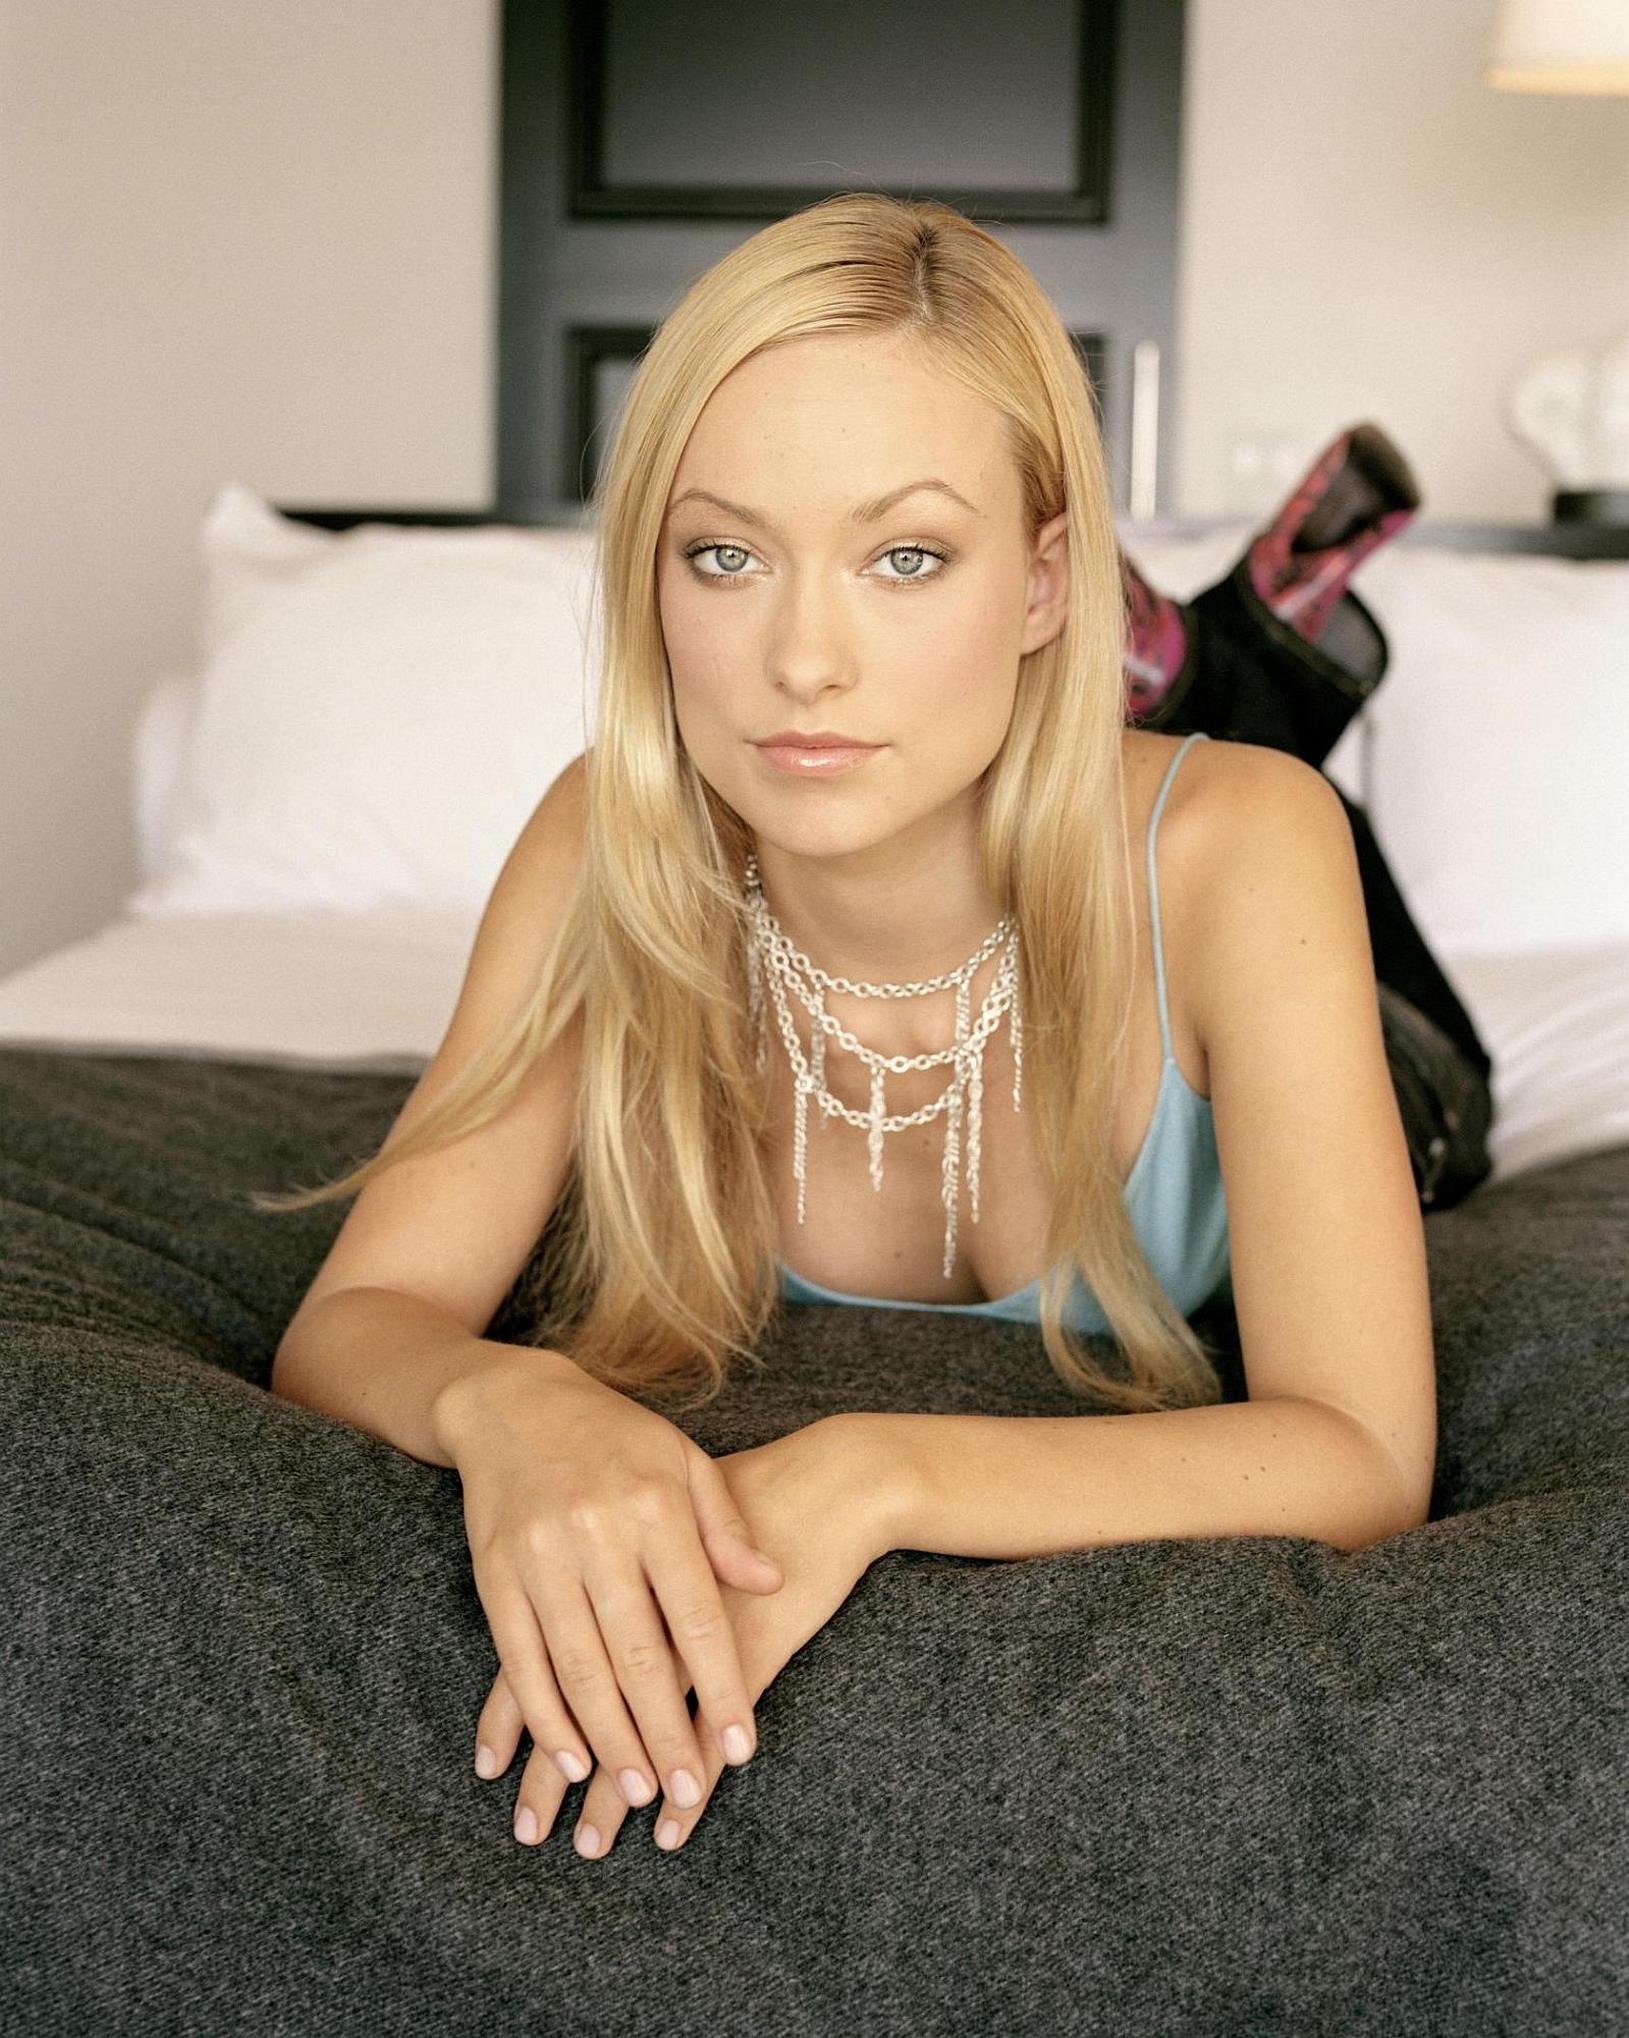 Alyssa milano caught nude